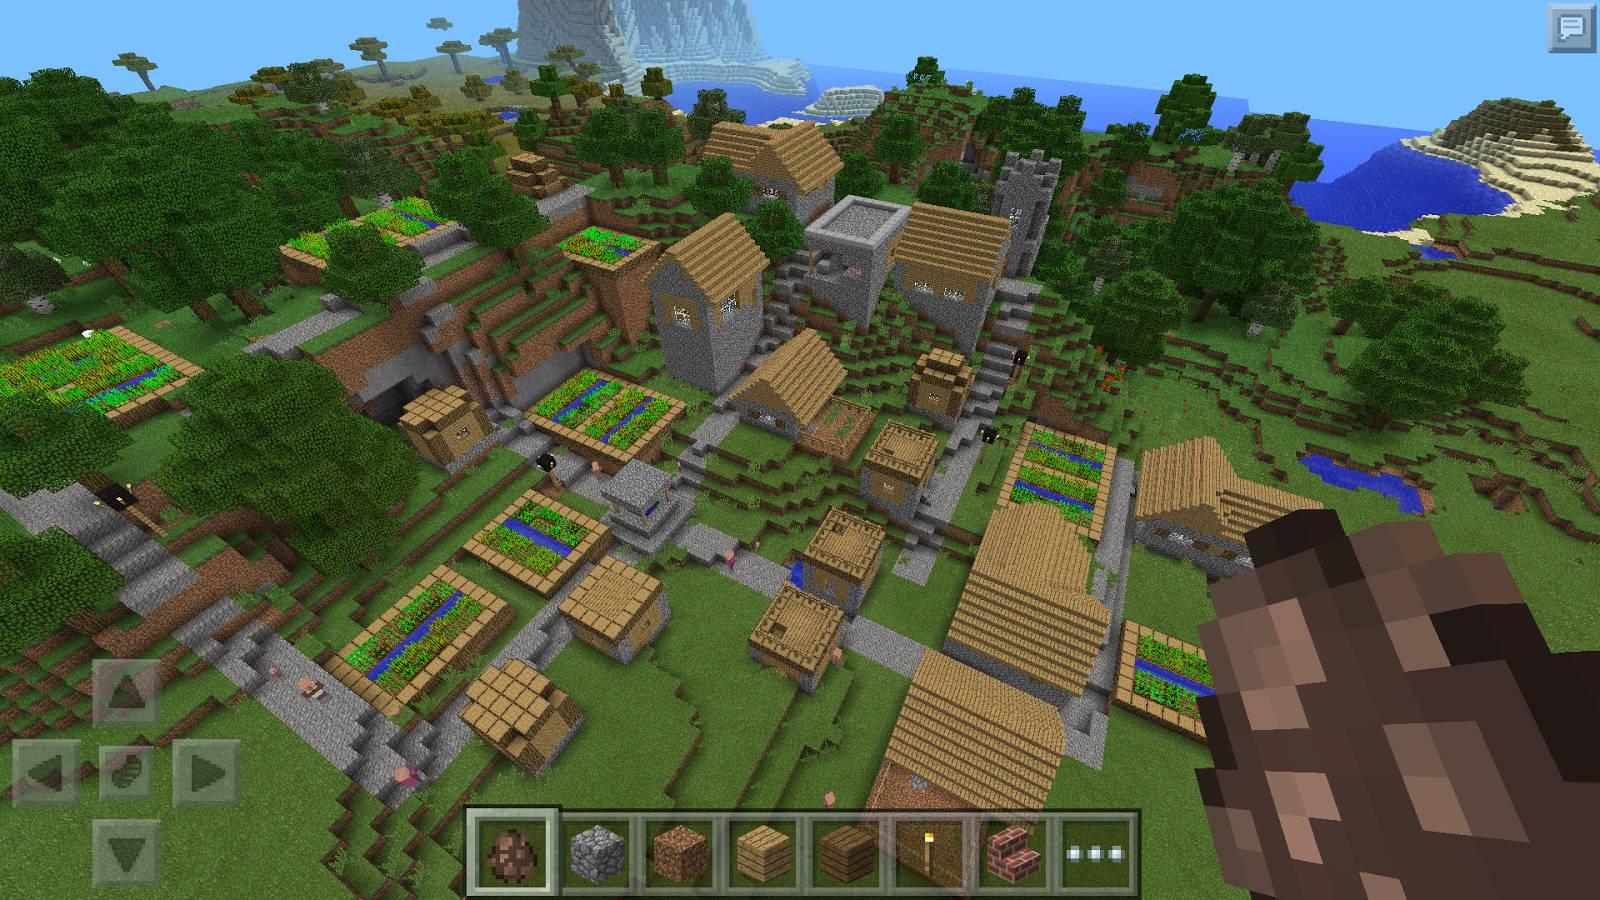 скачать minecraft 1.0 на компьютер бесплатно